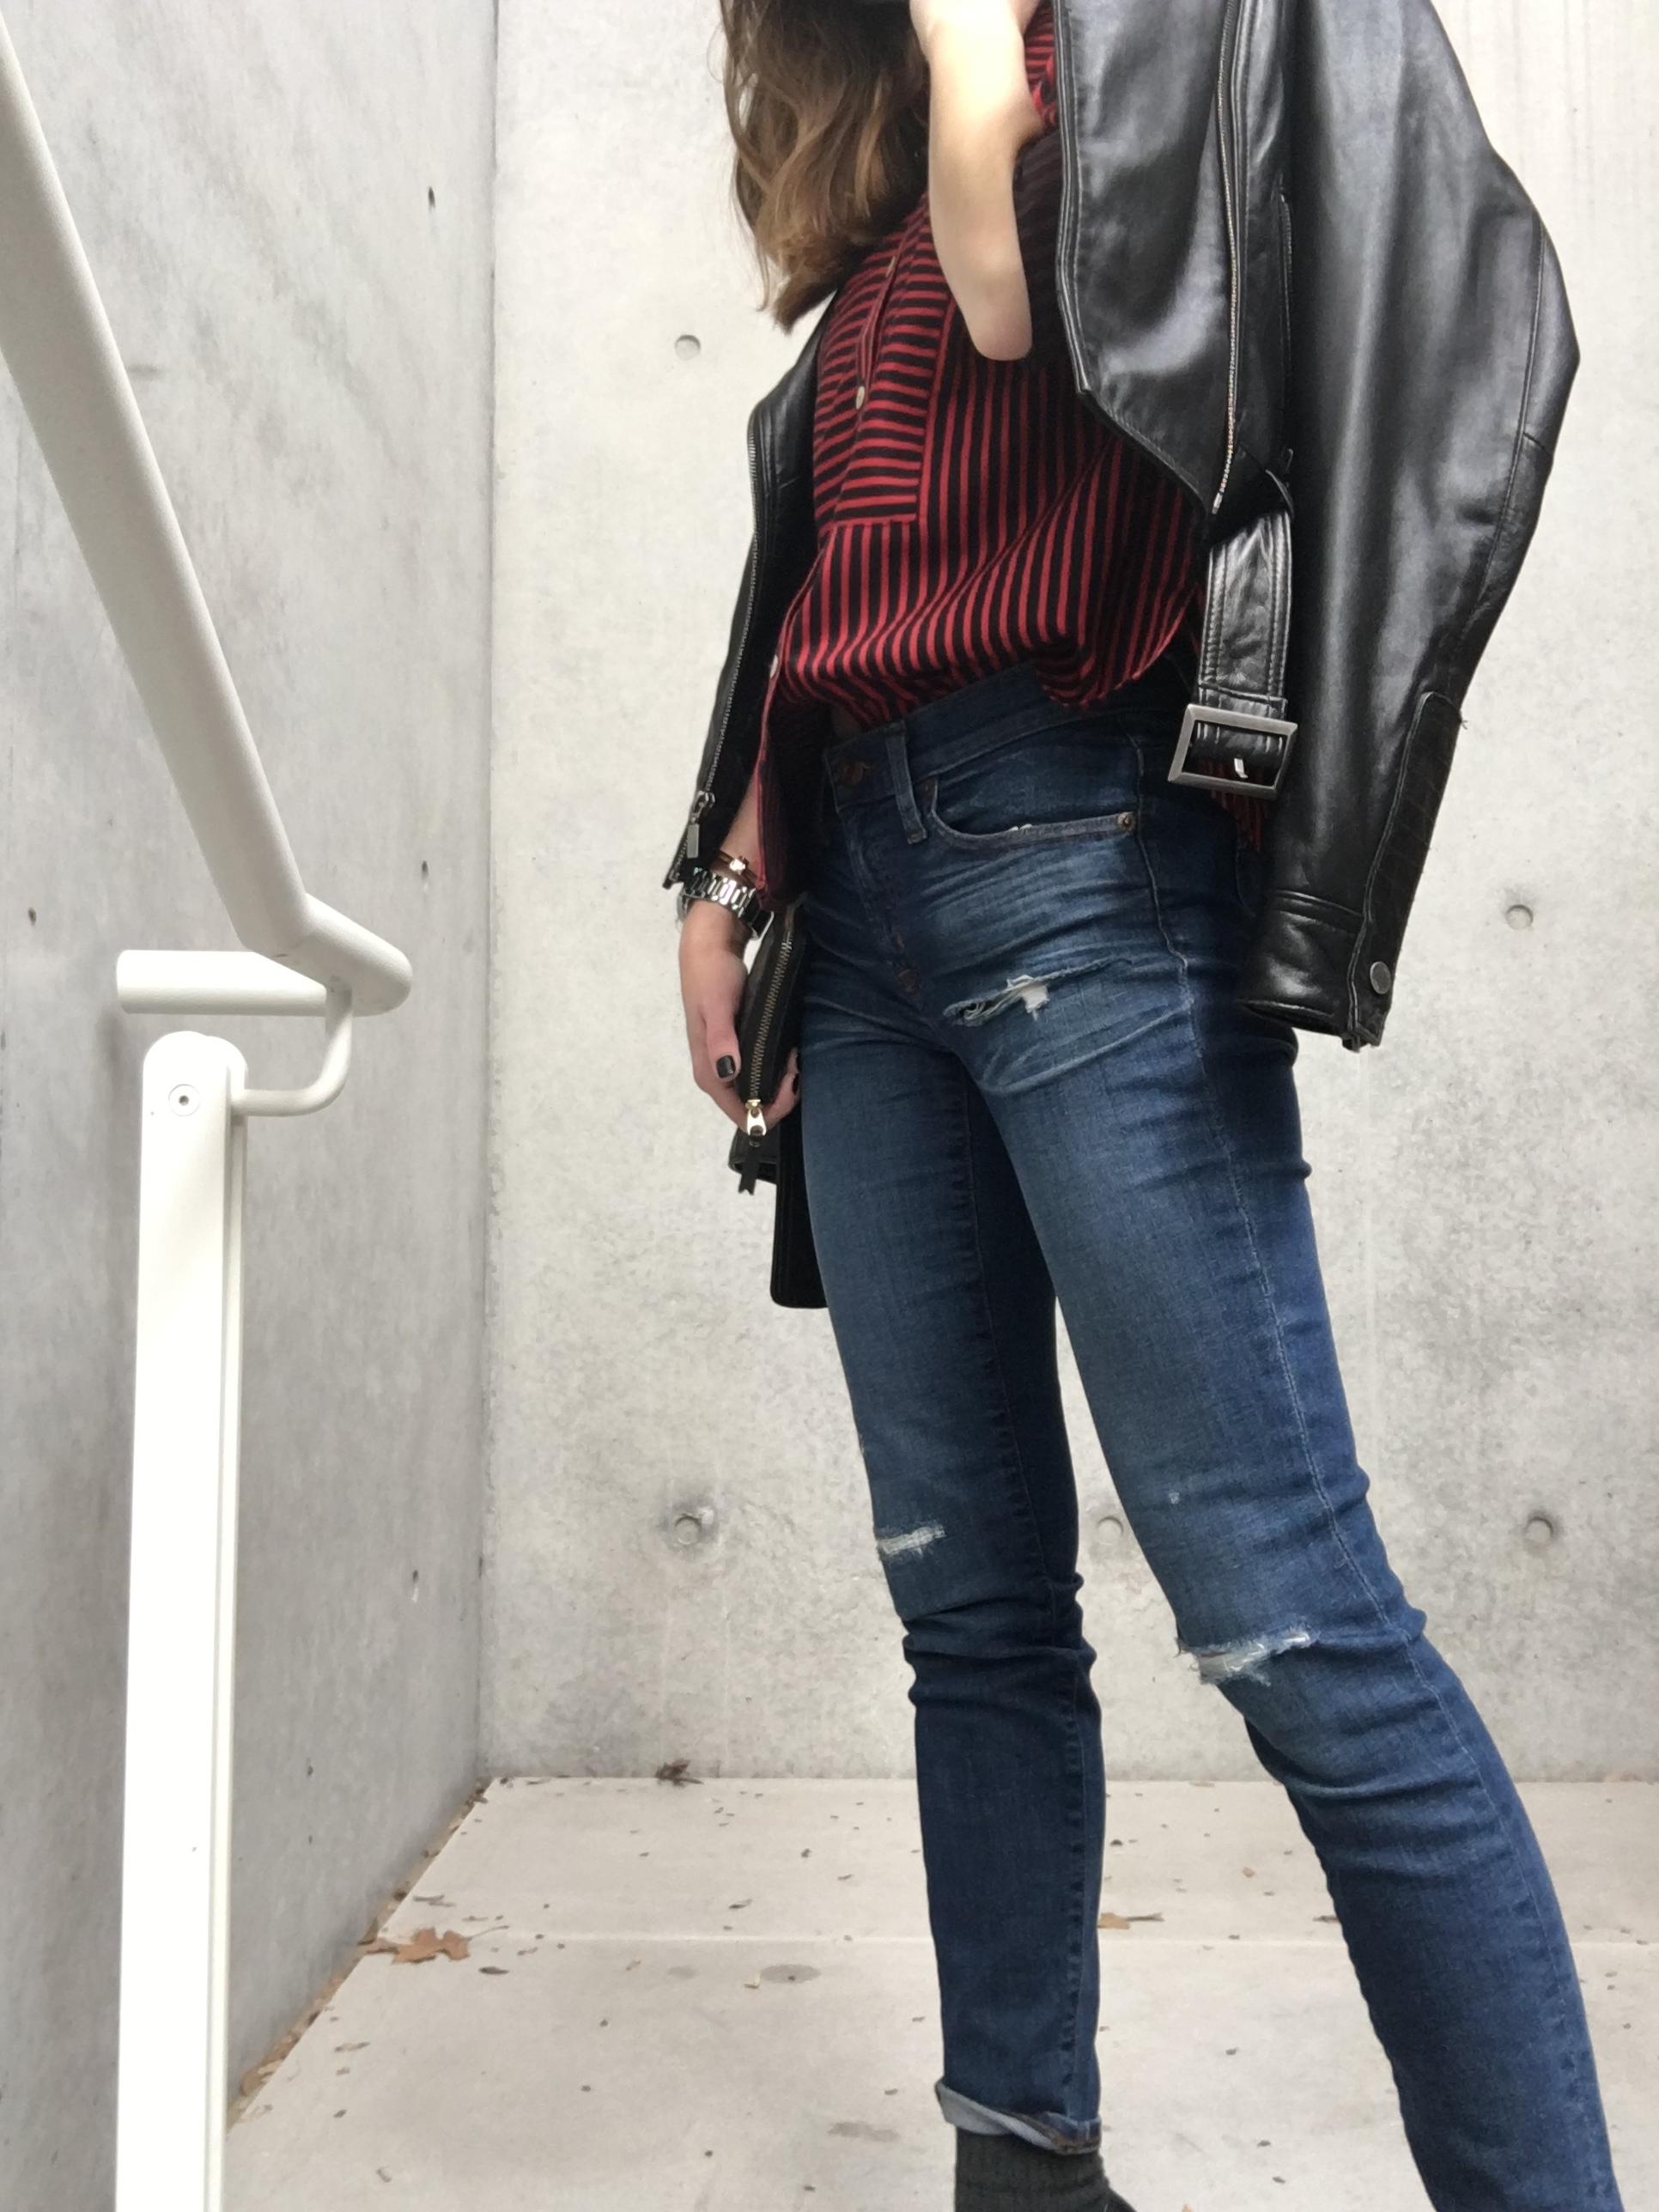 skinny-jeans-and-heels.jpg